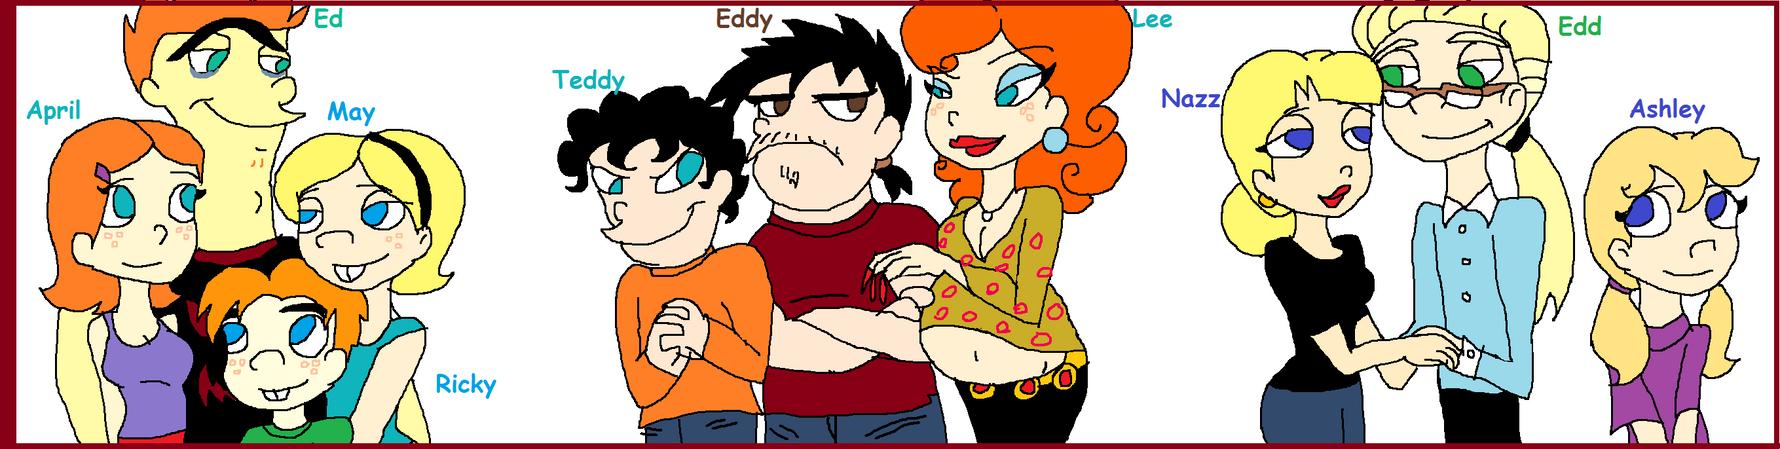 futanari and Ed edd eddy